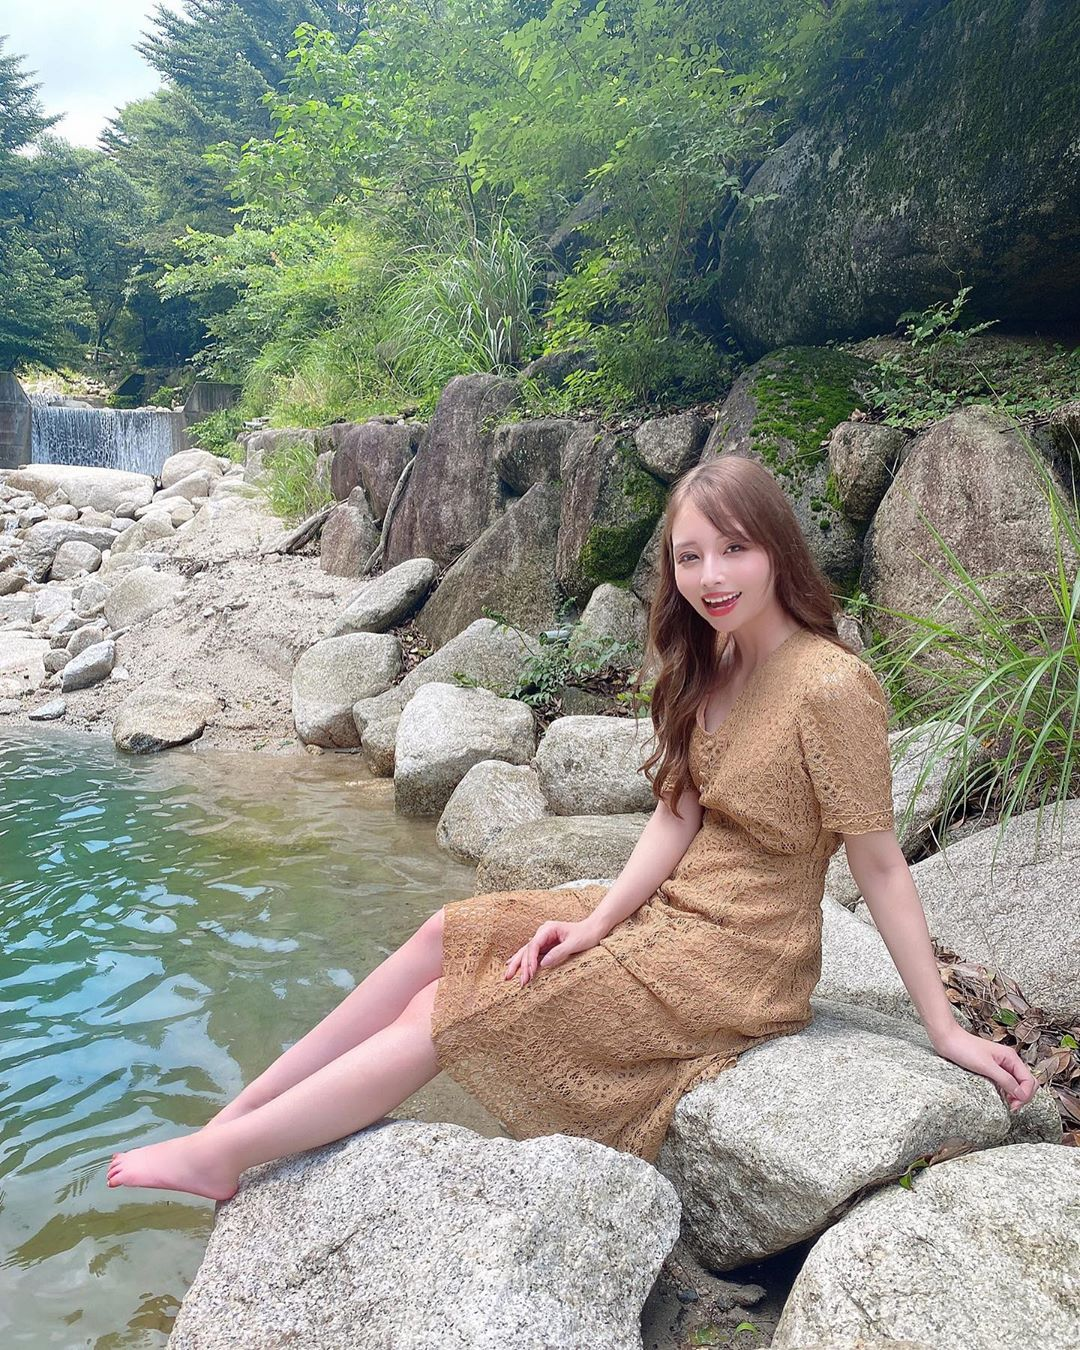 小嶋 里佳 (Lica,こじま りか)